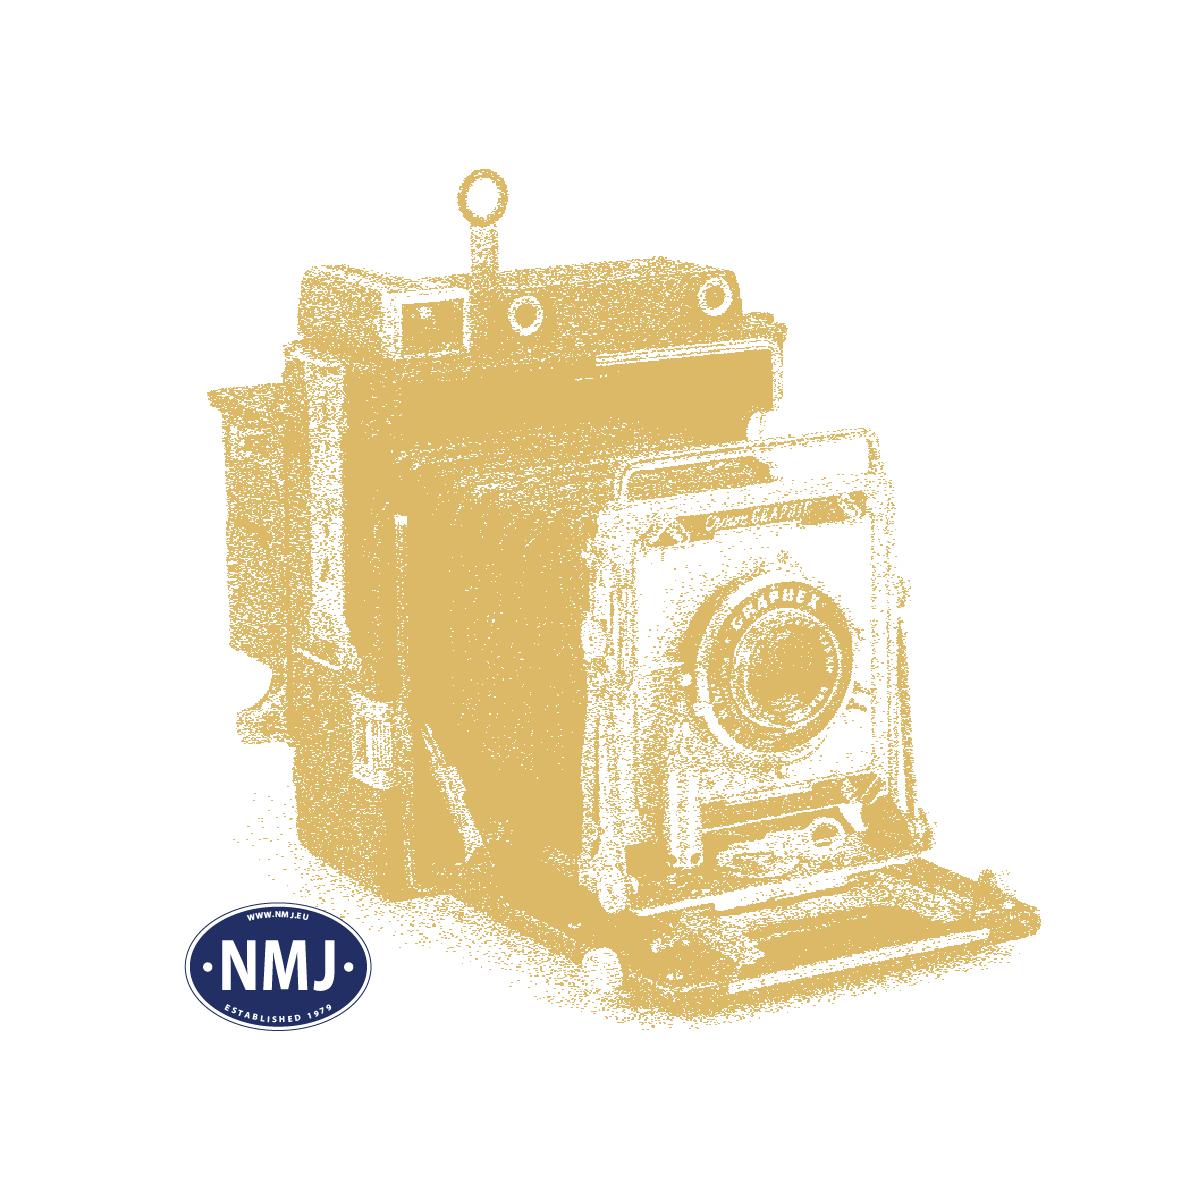 NMJ0TL4-4 - NMJ Superline NSB Om 44 76 361 0692-7, 0-Skala